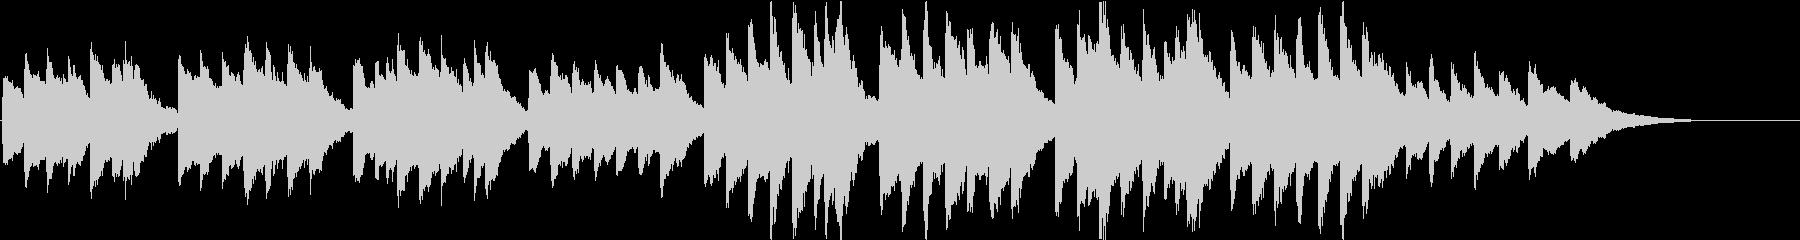 時報・チャイム風の名曲のメロディ・27の未再生の波形